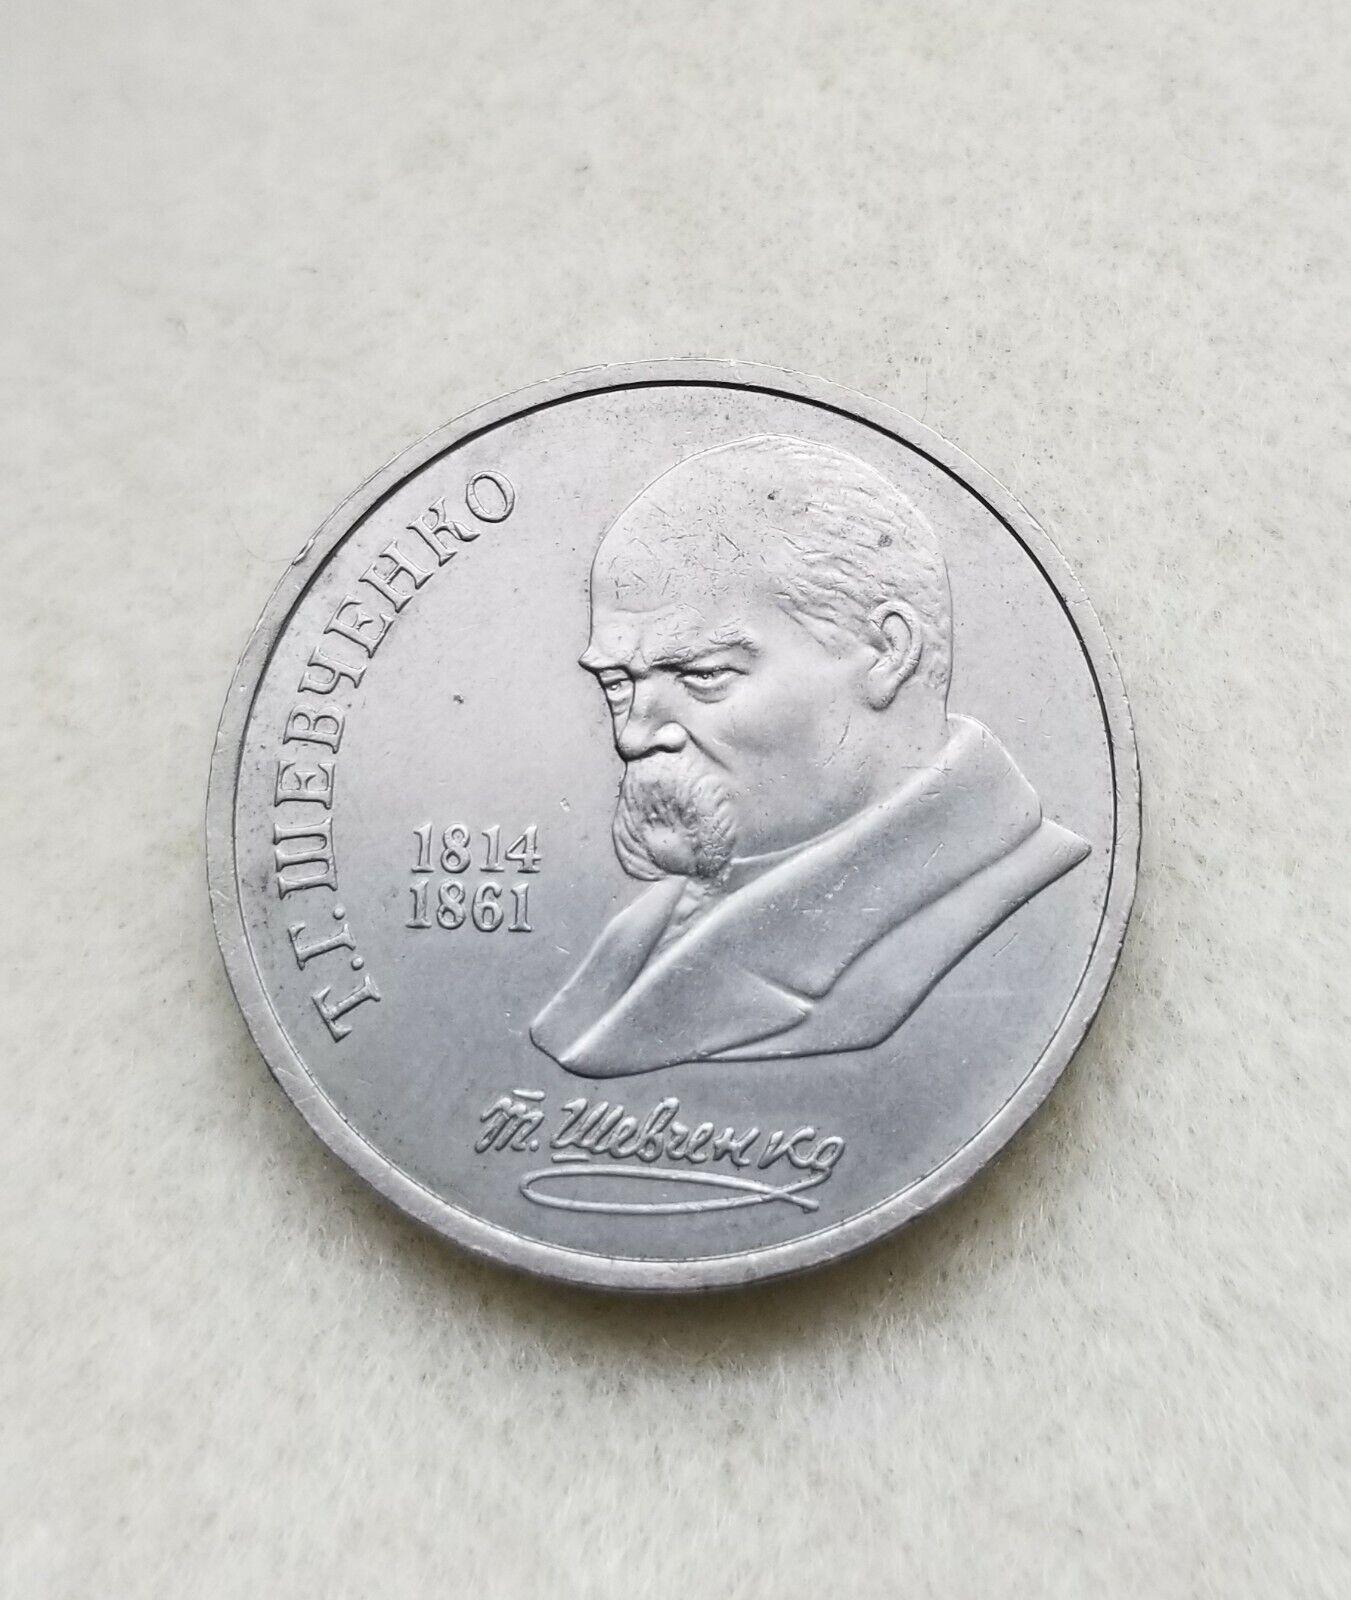 Coin Russia USSR 1989 1 rouble Y# 235 Ukrainian writer Taras Shevchenko Ø31mm